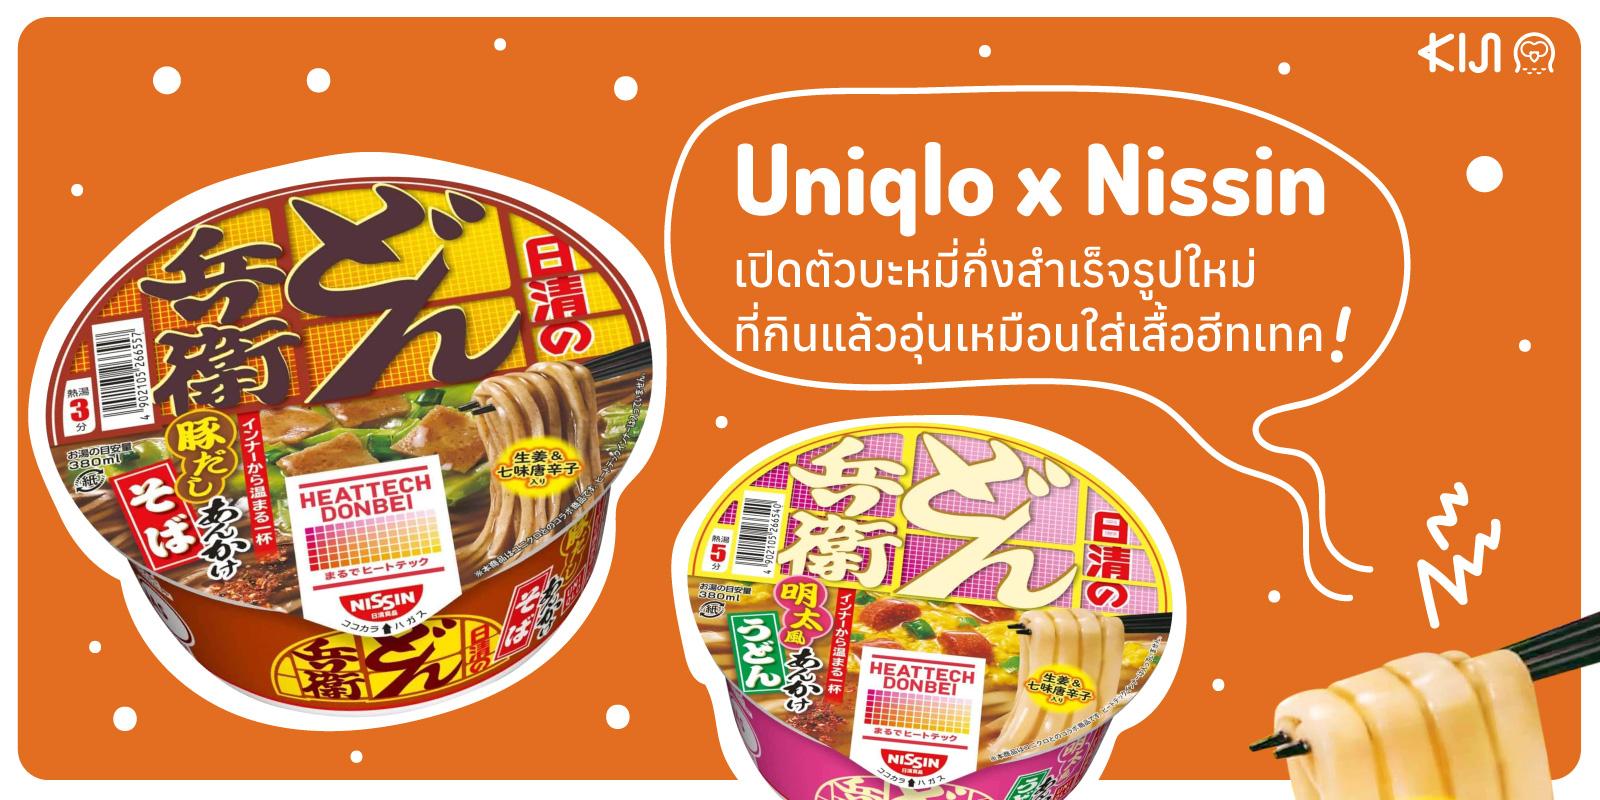 เปิดตัวบะหมี่กึ่งสำเร็จรูปใหม่จาก Uniqlo และ Nissin